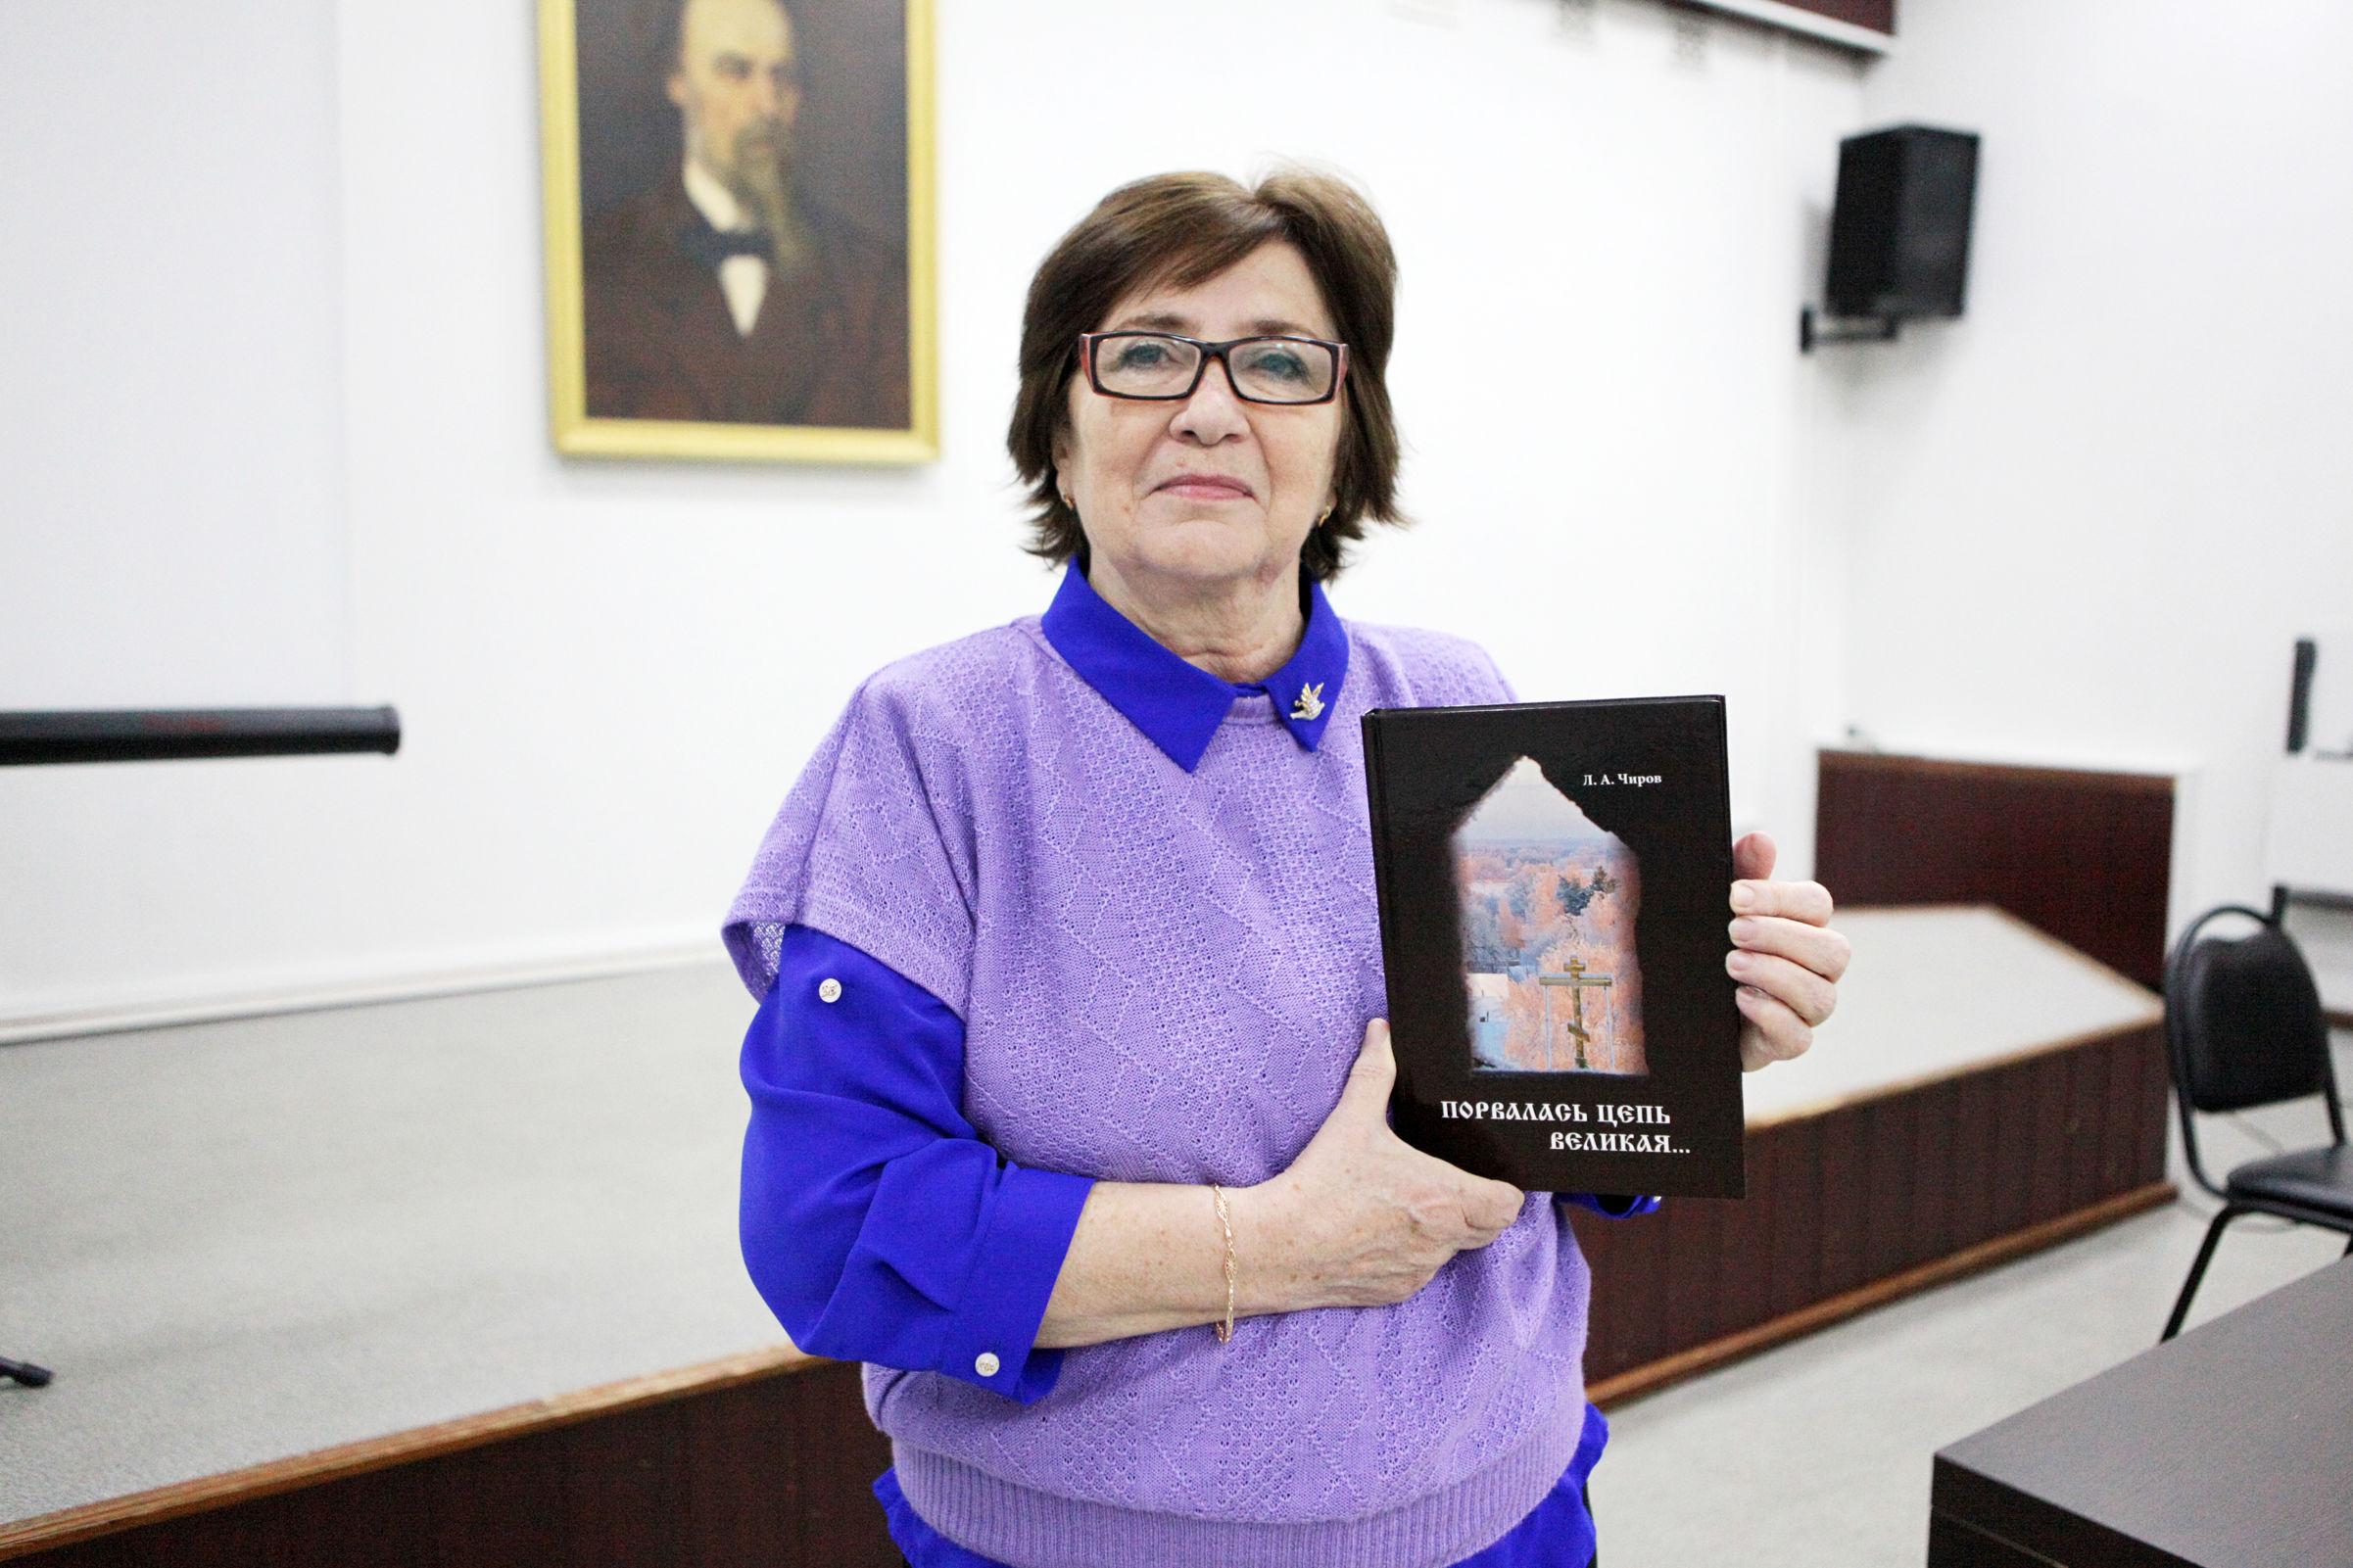 Село Середа – сквозь столетие. В Ярославле презентовали книгу о культуре и традициях ярославских сел